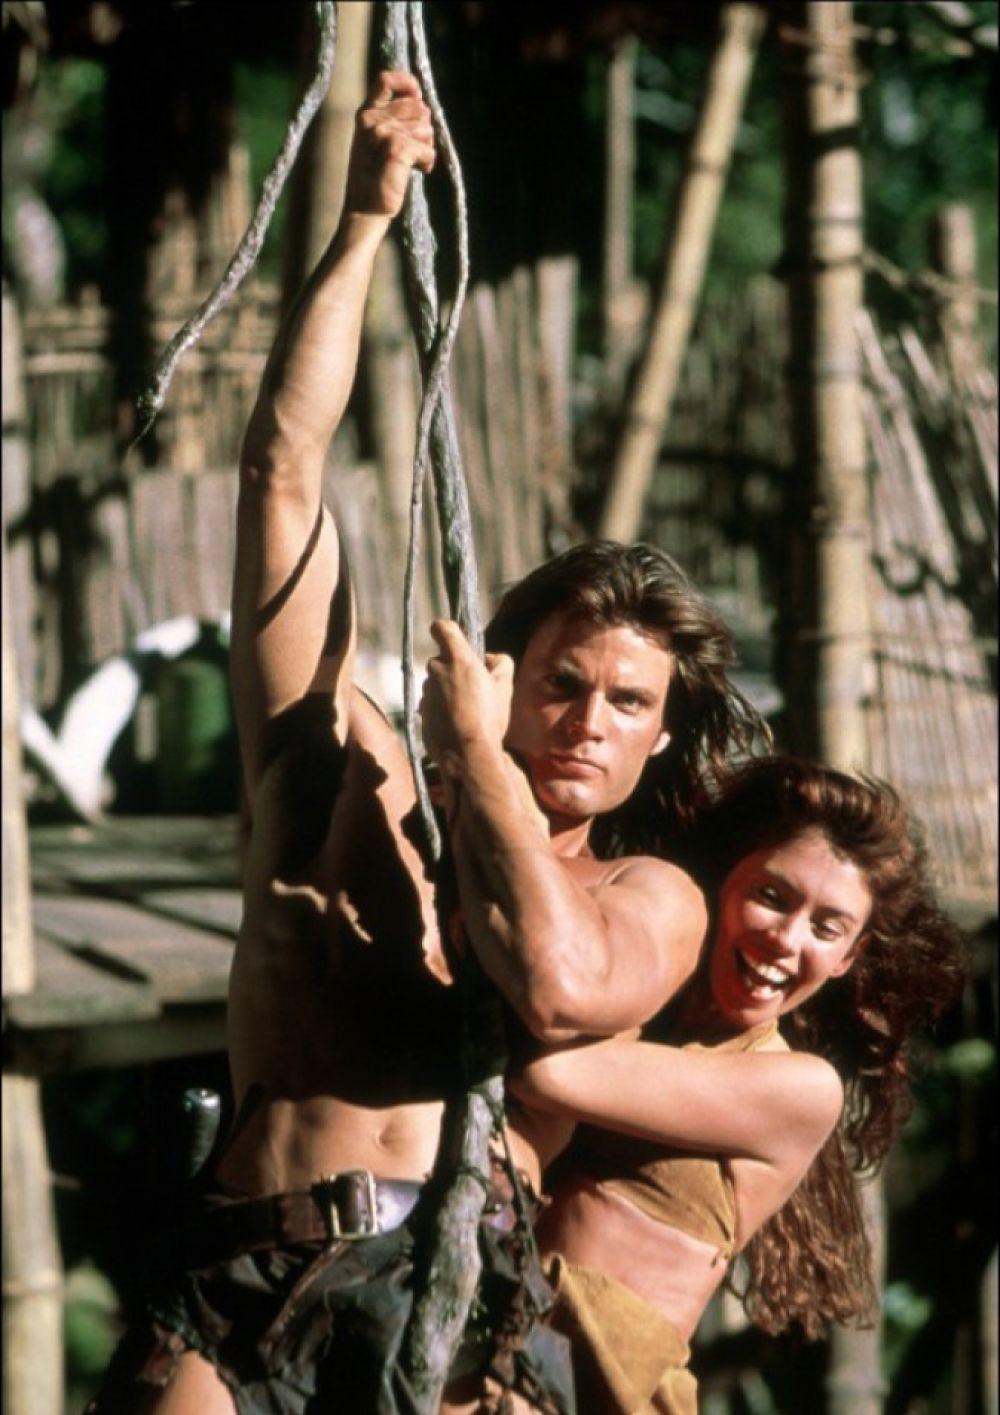 В фильме 1998 года «Тарзан и затерянный город» спасал прекрасную девушку и катался на лианах Каспер Ван Дин.